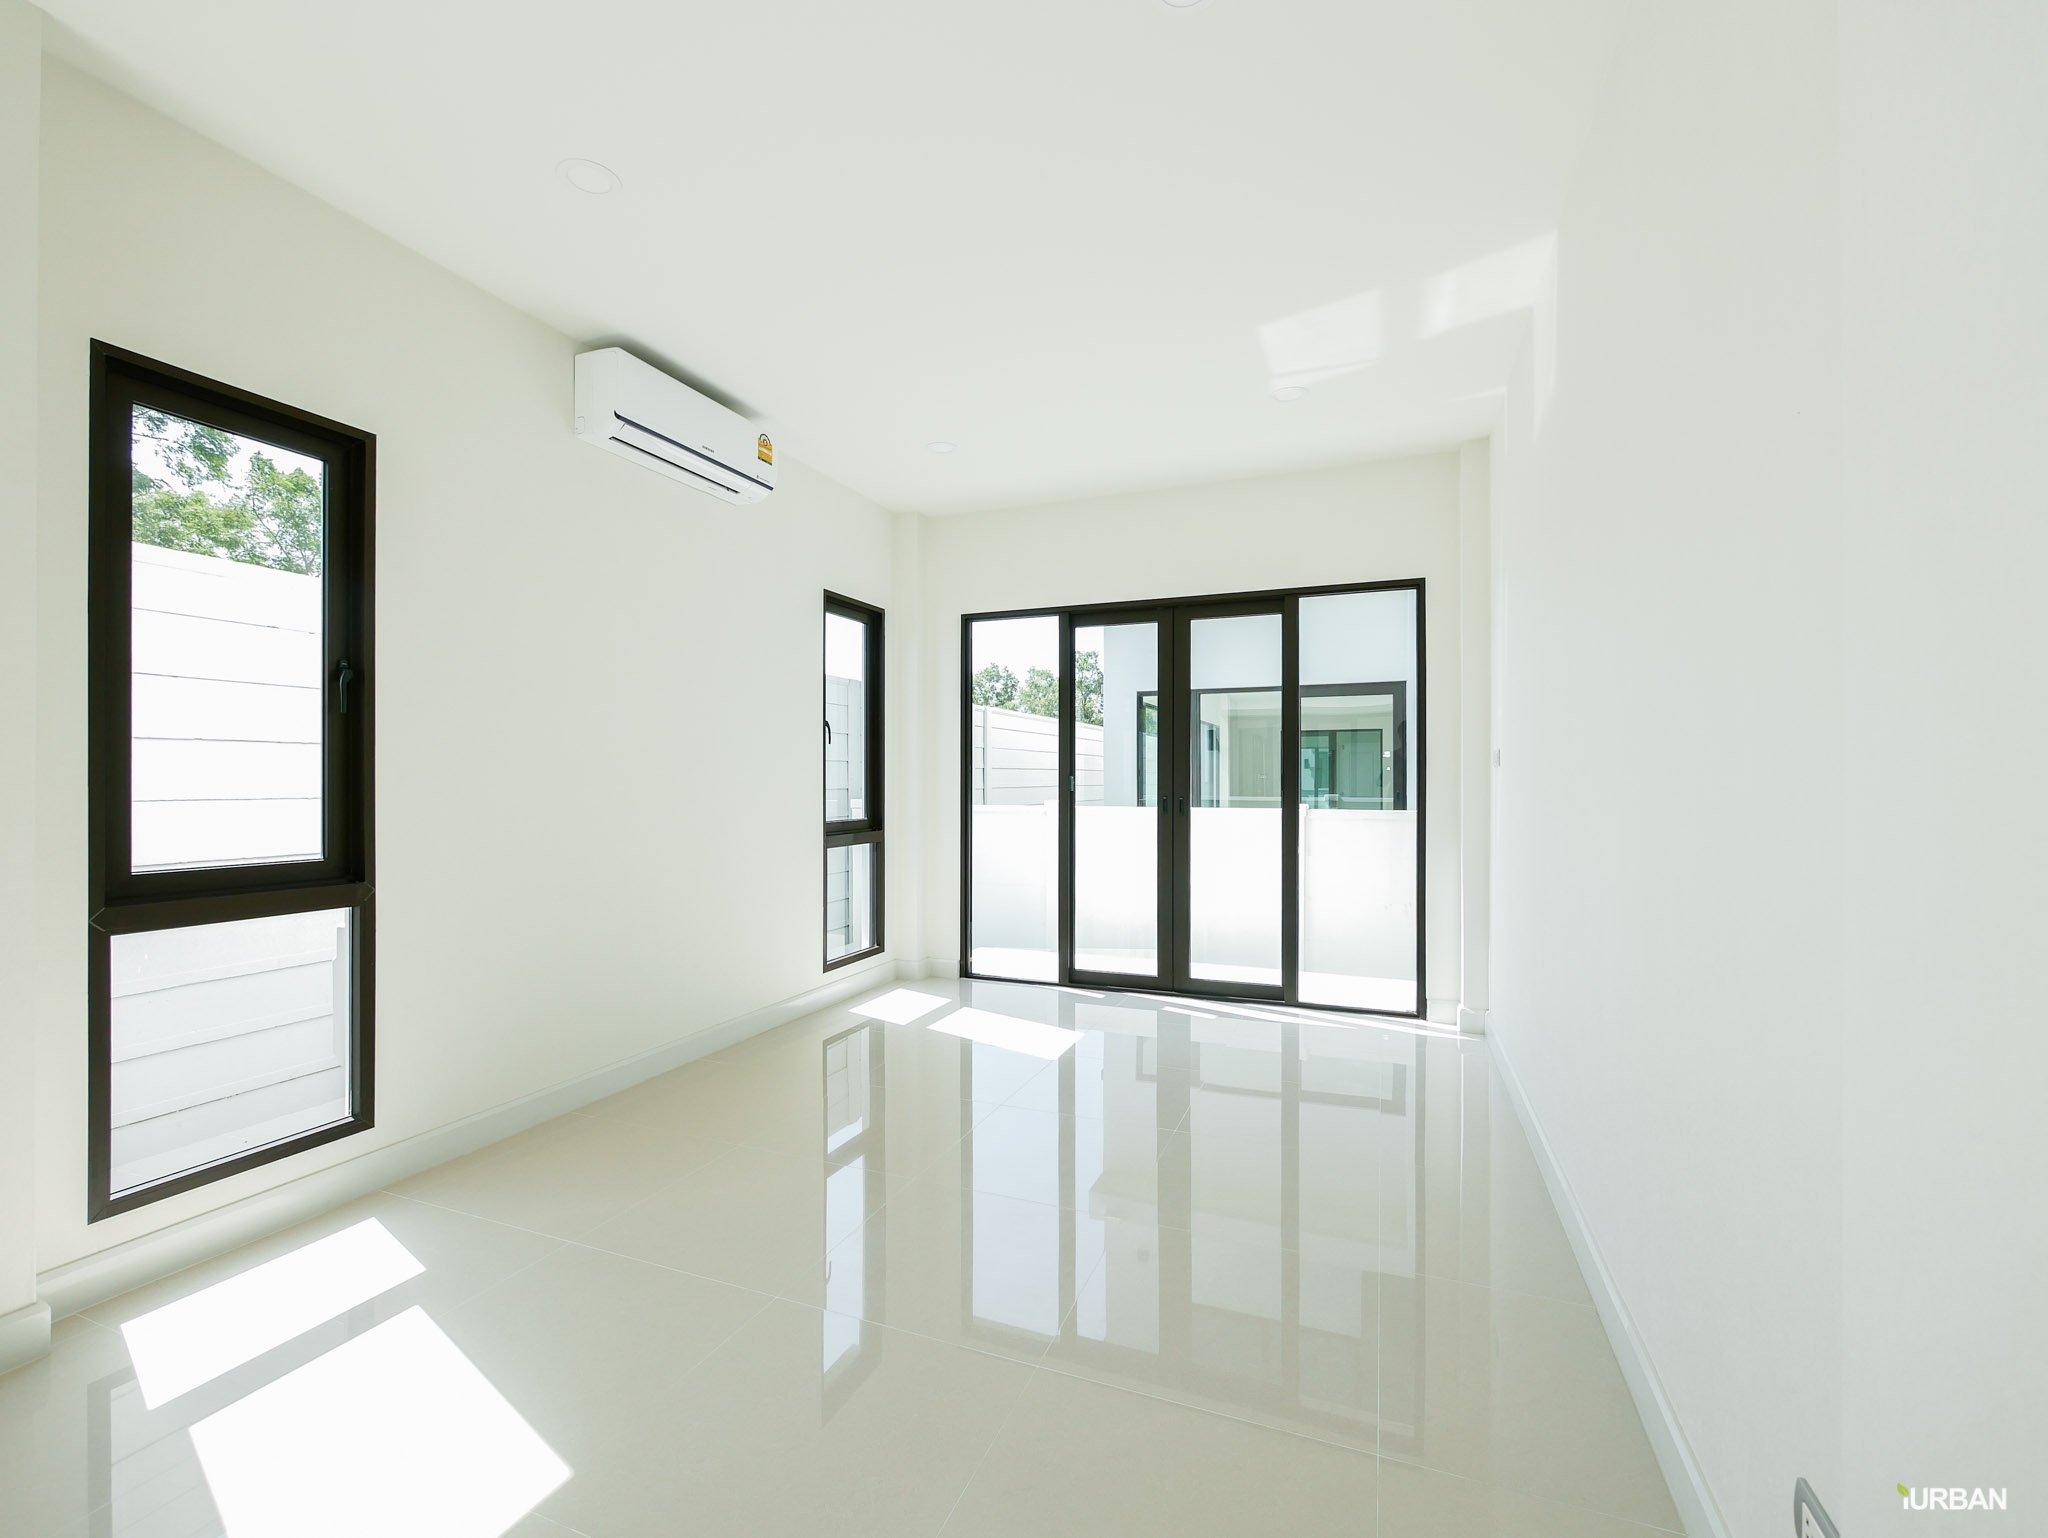 รีวิว CENTRO รามอินทรา-จตุโชติ บ้านเดี่ยวหลังใหญ่ 4 ห้องนอน บนวงแหวน ระดับคุณภาพจากเอพี 104 - AP (Thailand) - เอพี (ไทยแลนด์)